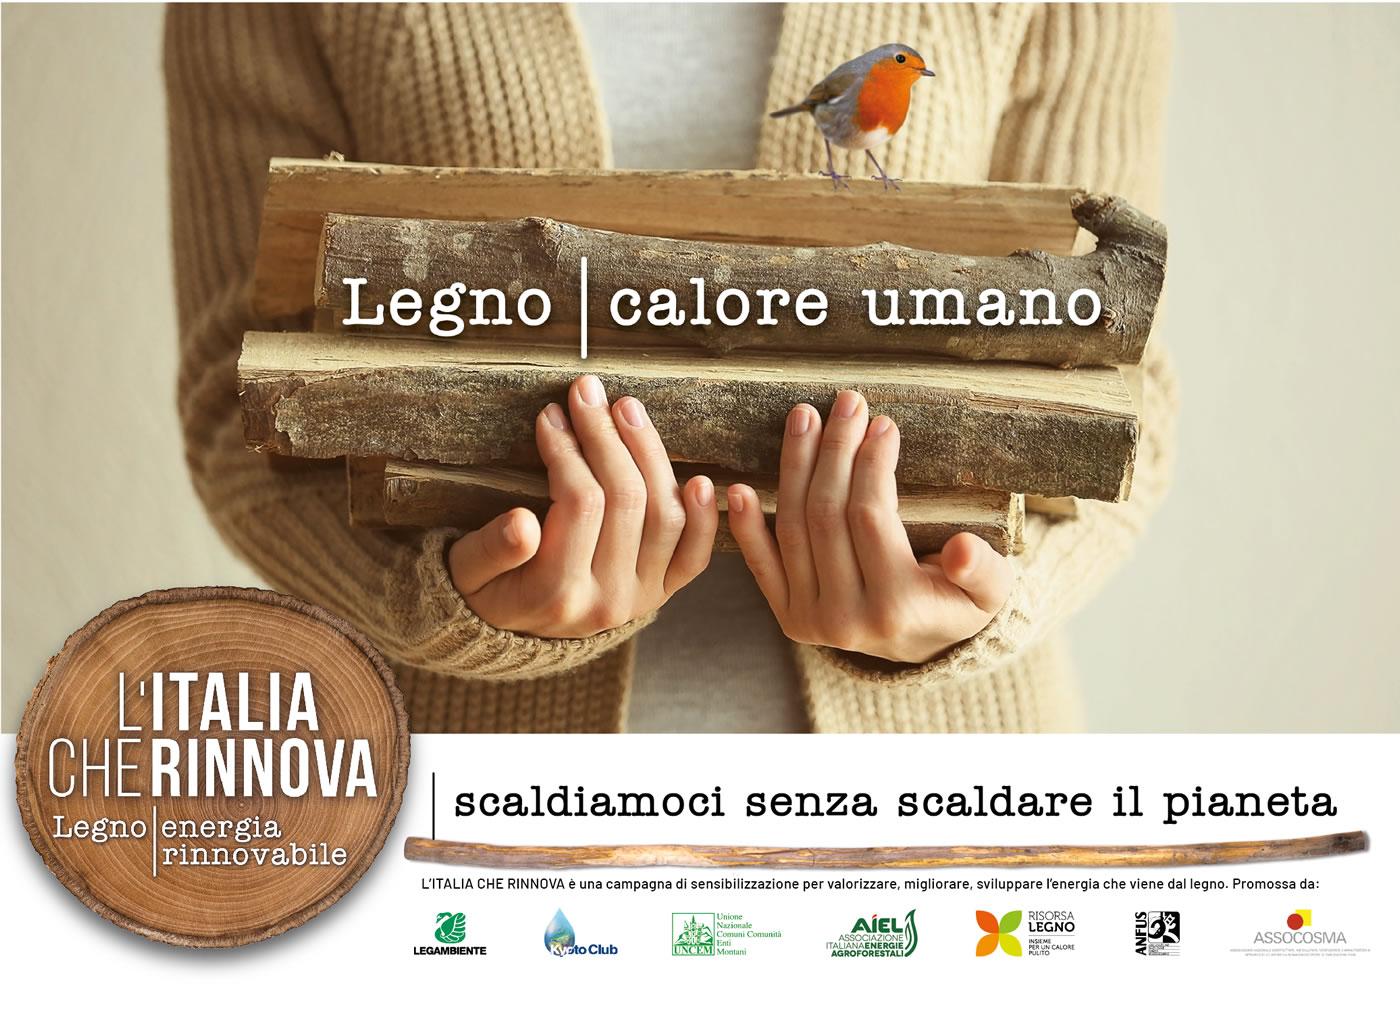 L'Italia che rinnova è una campagna di sensibilizzazione per valorizzare, migliorare, sviluppare l'energia che viene dal legno. Promossa da: LEGAMBIENTE | KYOTO CLUB | UNCEM | AIEL | RISORSA LEGNO | ANFUS | ASSOCOSMA